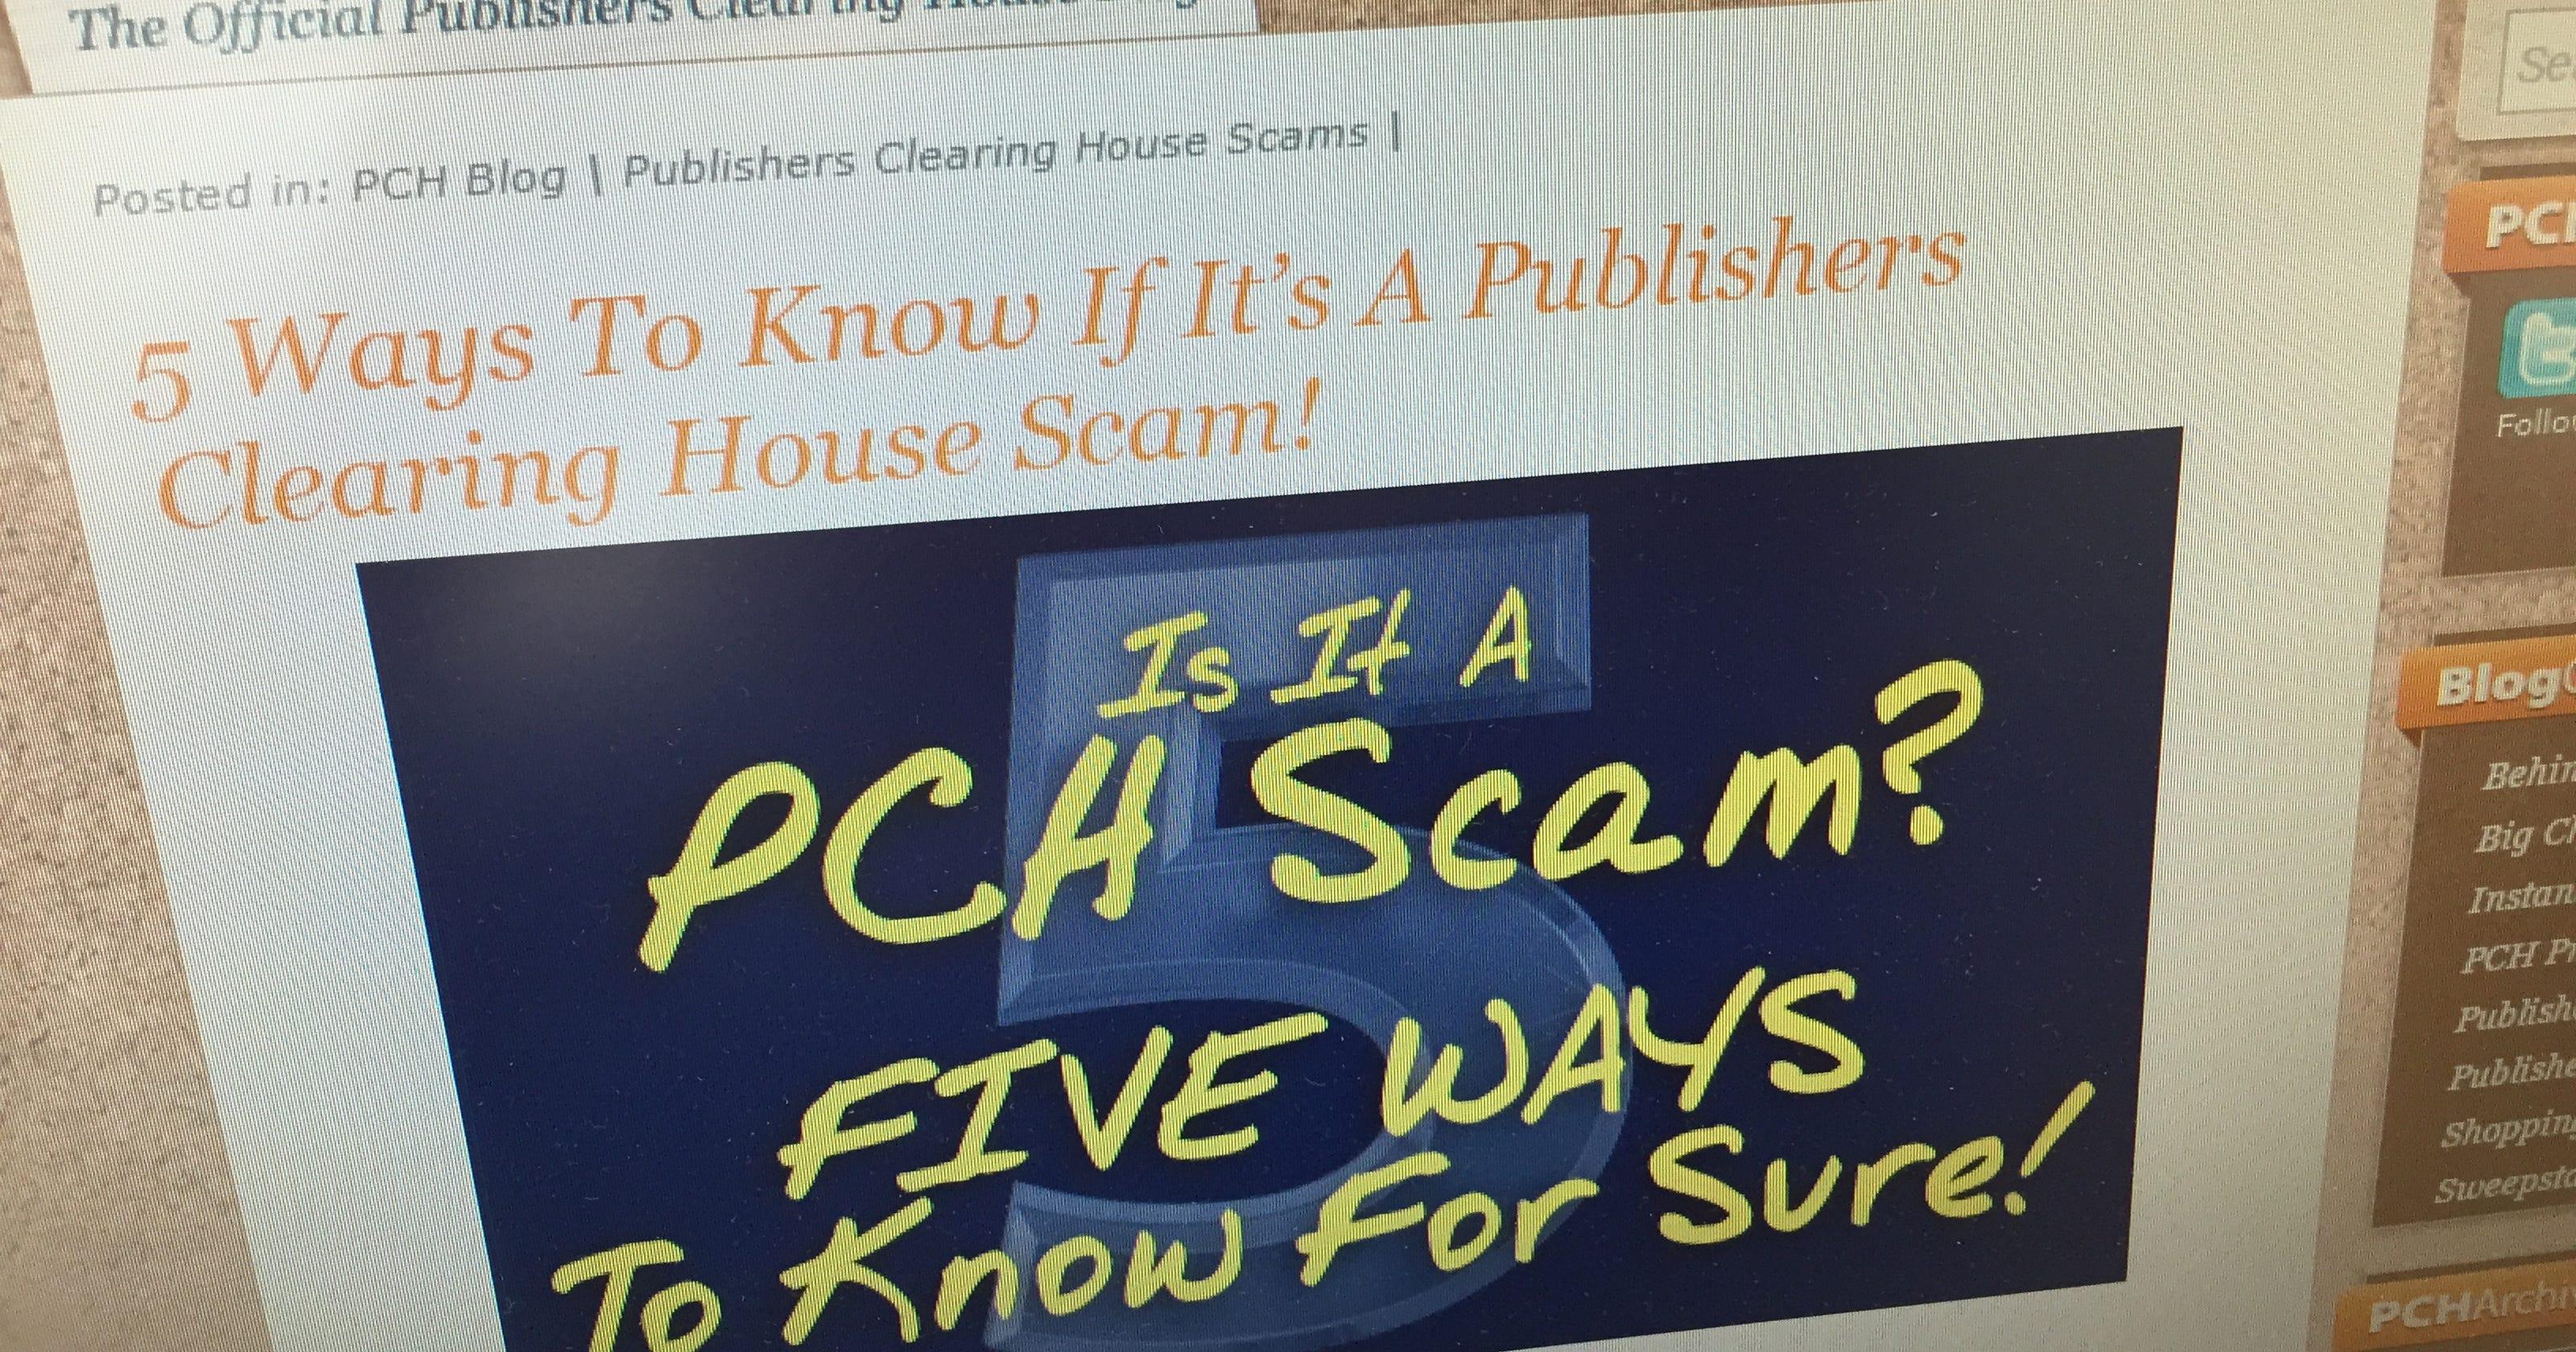 Where do you go to report a scam?